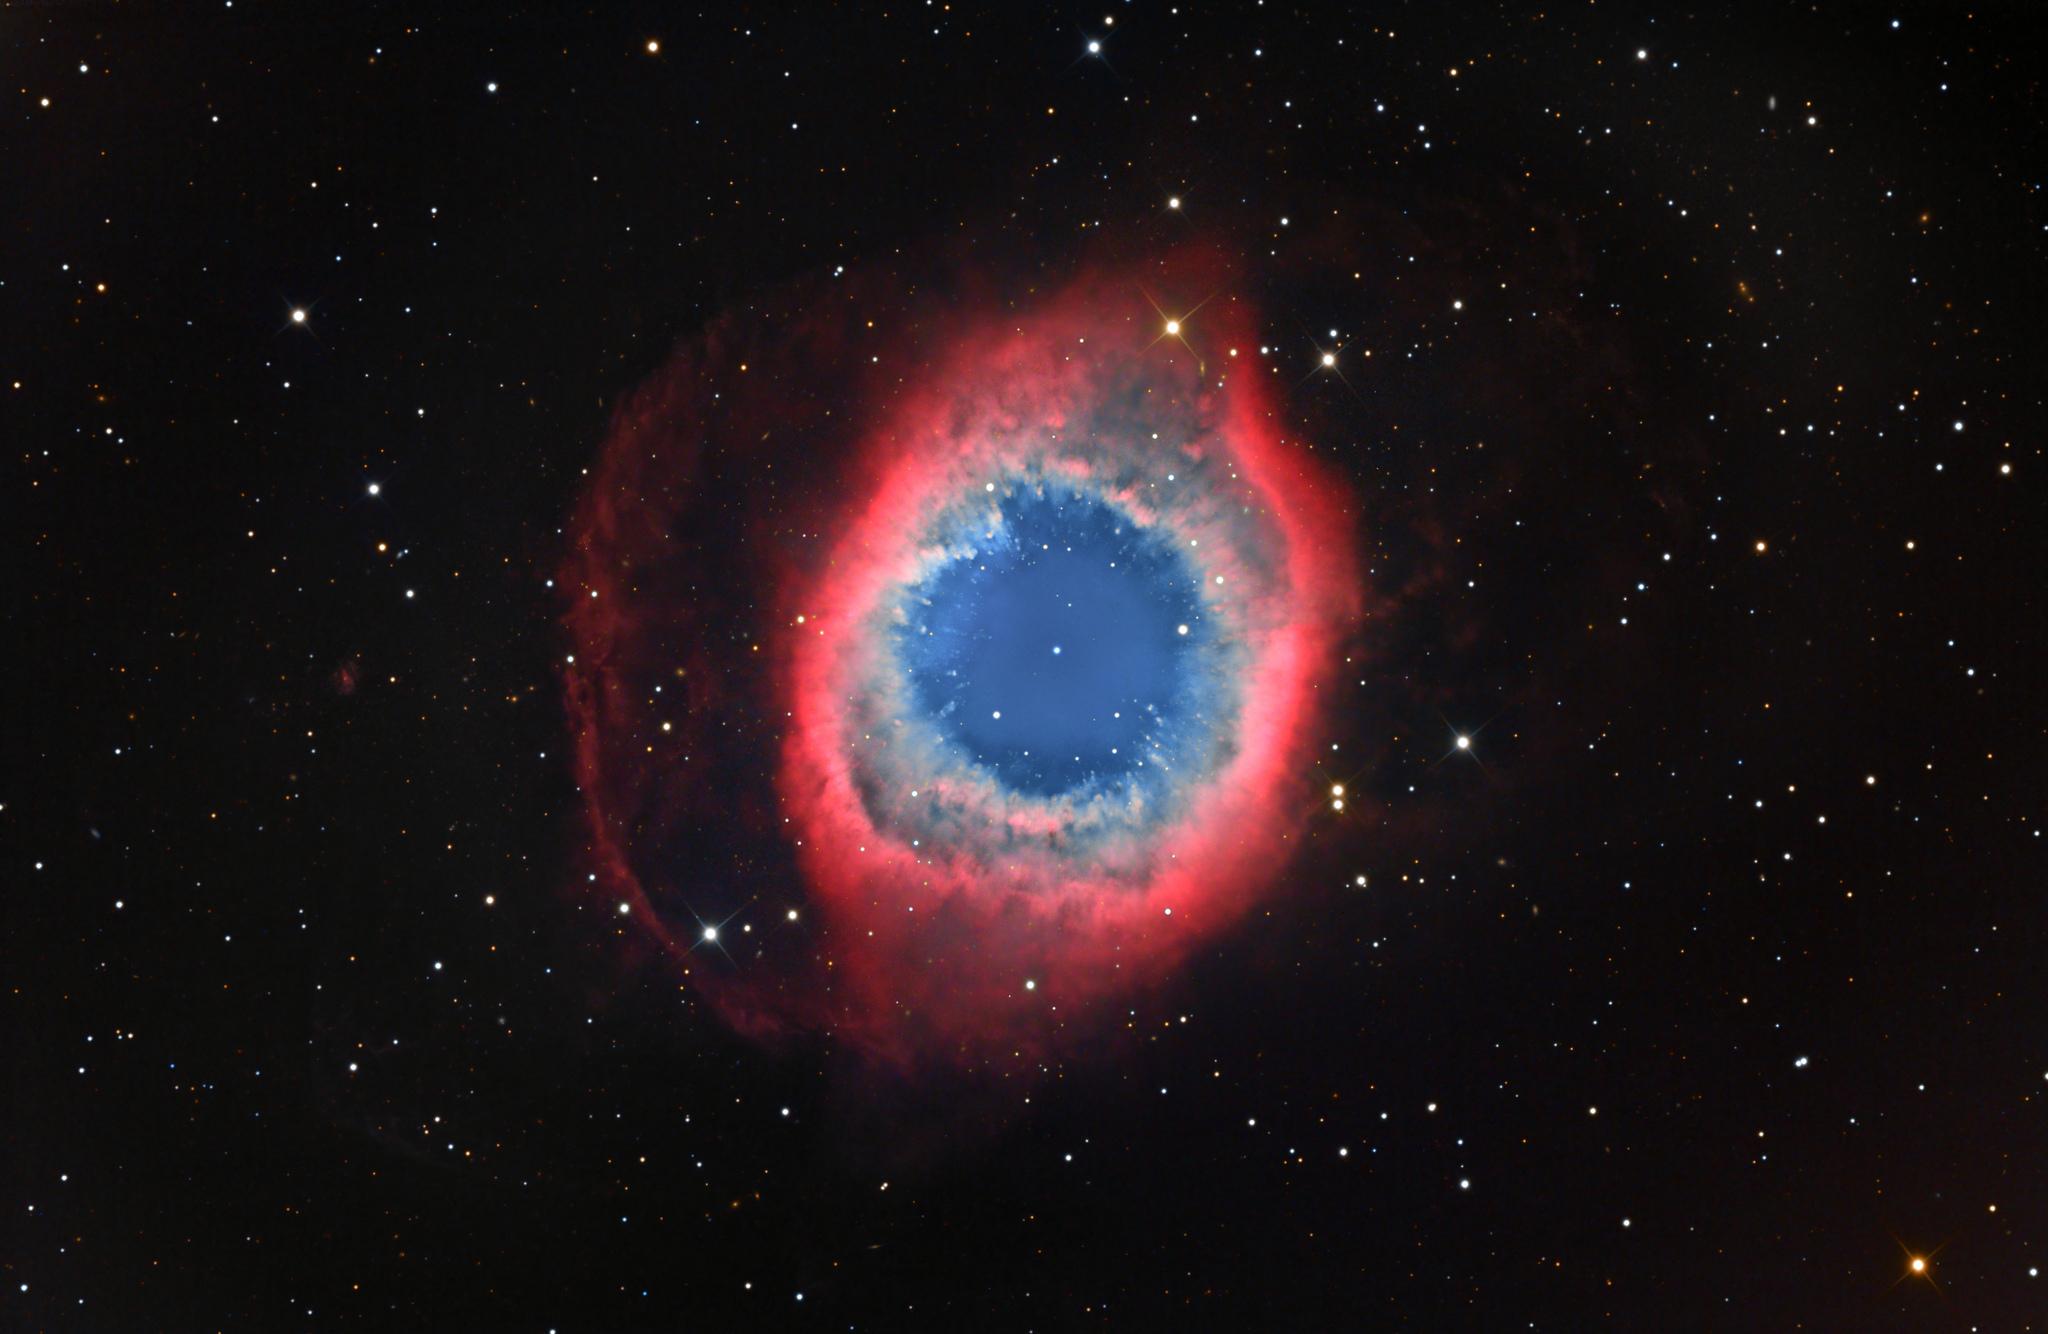 helix nebula images